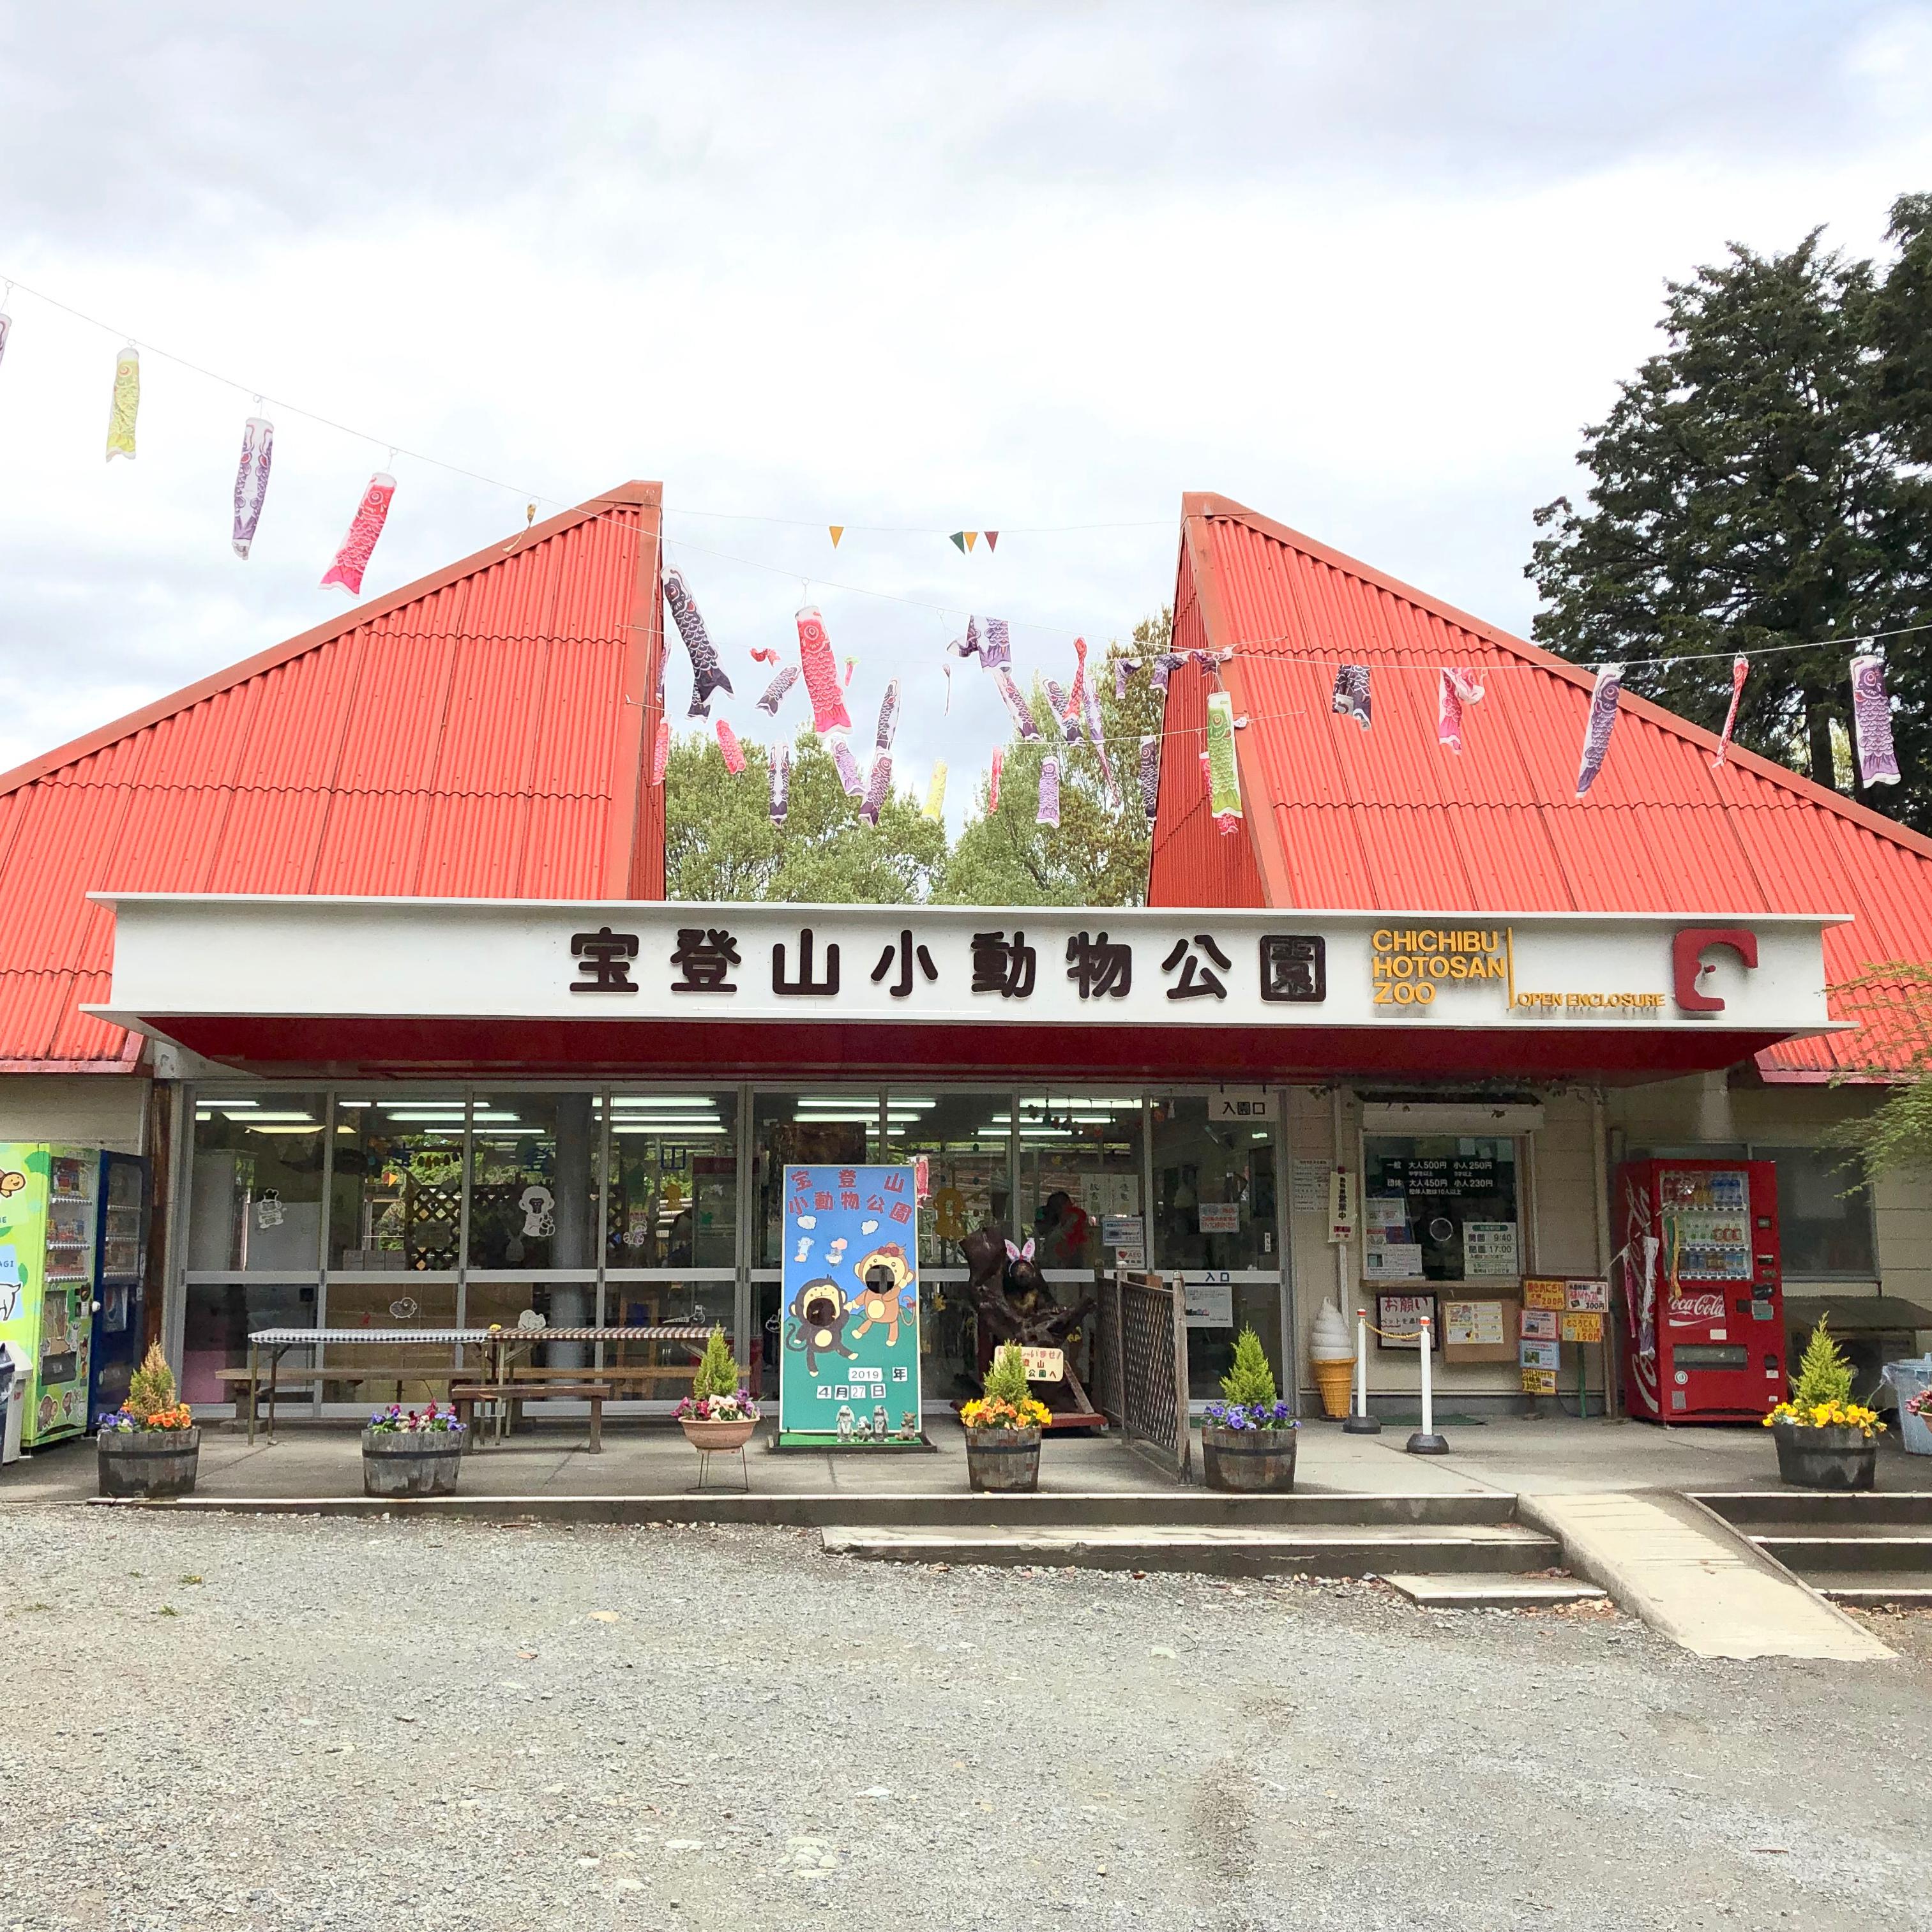 宝登山小動物公園|猿の餌やり体験が楽しい!混雑しない長瀞観光の穴場スポット